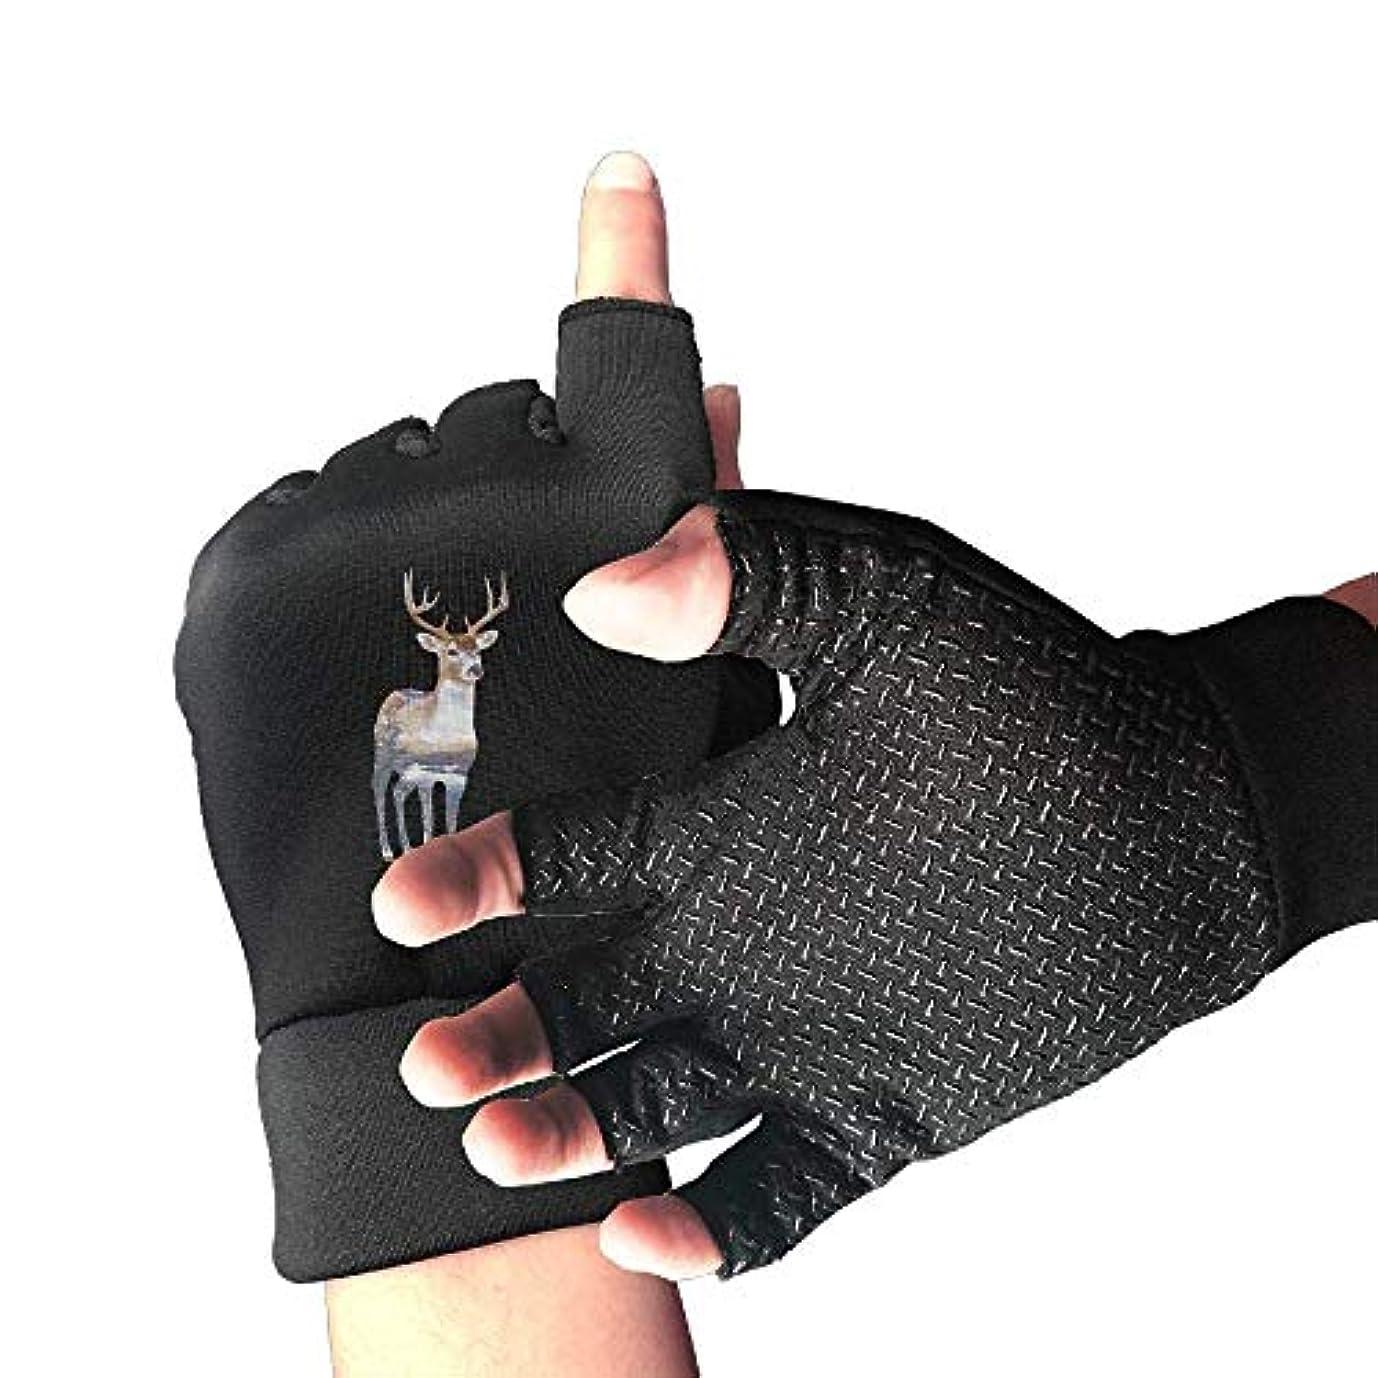 レール湾最後にCycling Gloves Art Deer World Men's/Women's Mountain Bike Gloves Half Finger Anti-Slip Motorcycle Gloves